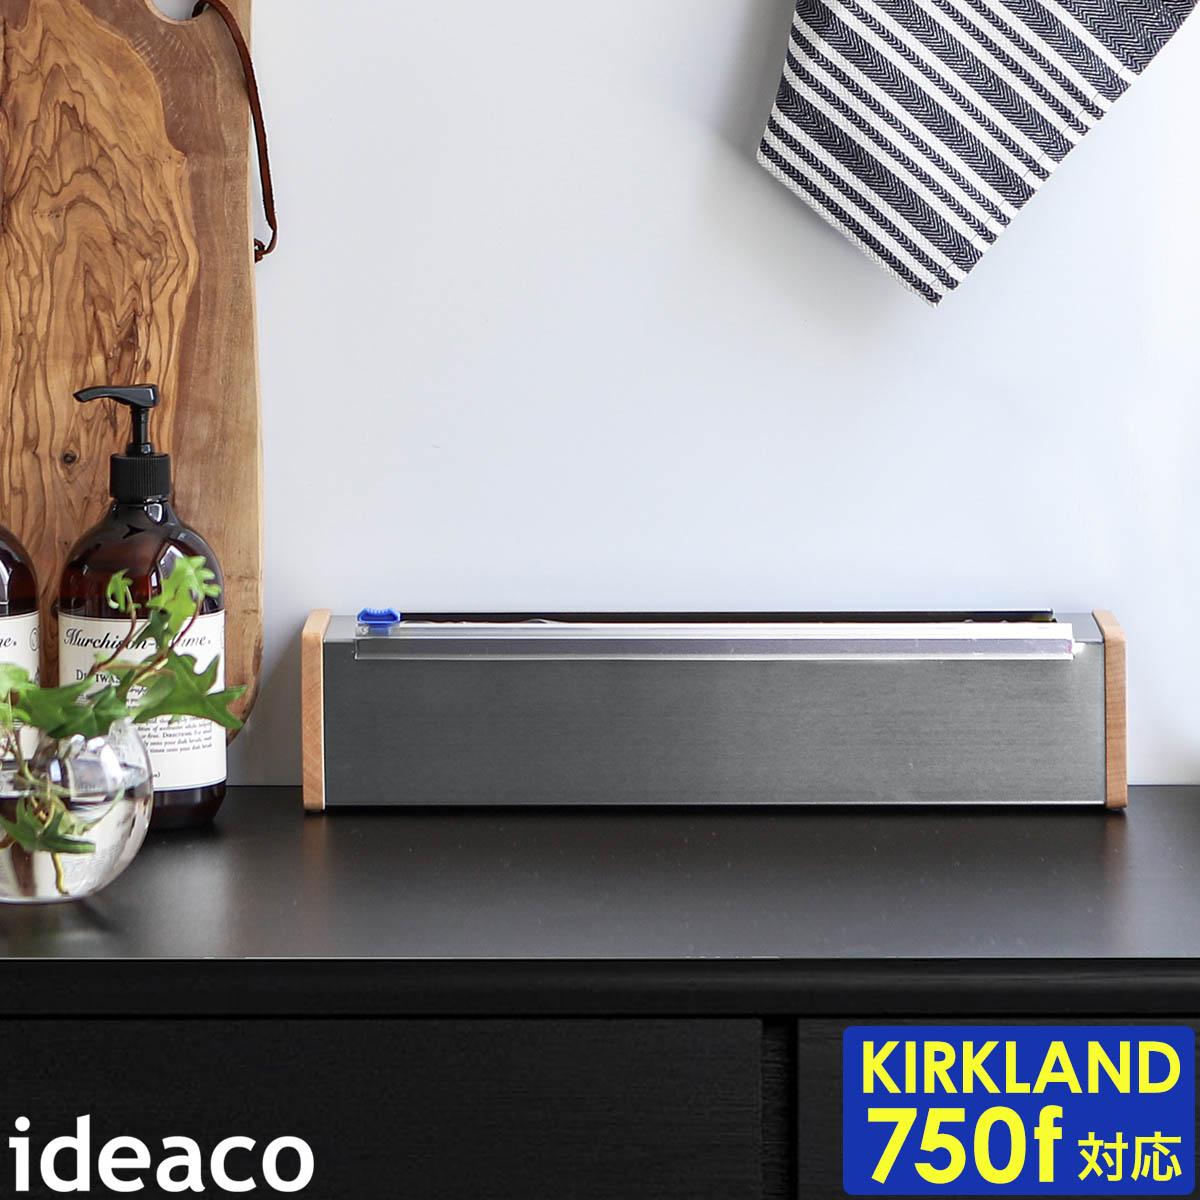 KIRKLAND Signatureのフードラップ(750フィート)を収納できるケース。ステンレスと天然木を組み合わせたデザインで、生活感を無くしてキッチンをスタイリッシュに演出します。 イデアコ コストコ ラップケース 日本製 カークランド KIRKLAND ラップホルダー METAL FACTORY ラップ 収納 おしゃれ 天然木 キッチン収納 ステンレス 業務用 ストレッチタイト フードラップ 231m ギフト【送料無料】[ ideaco Wrap case 750f ]